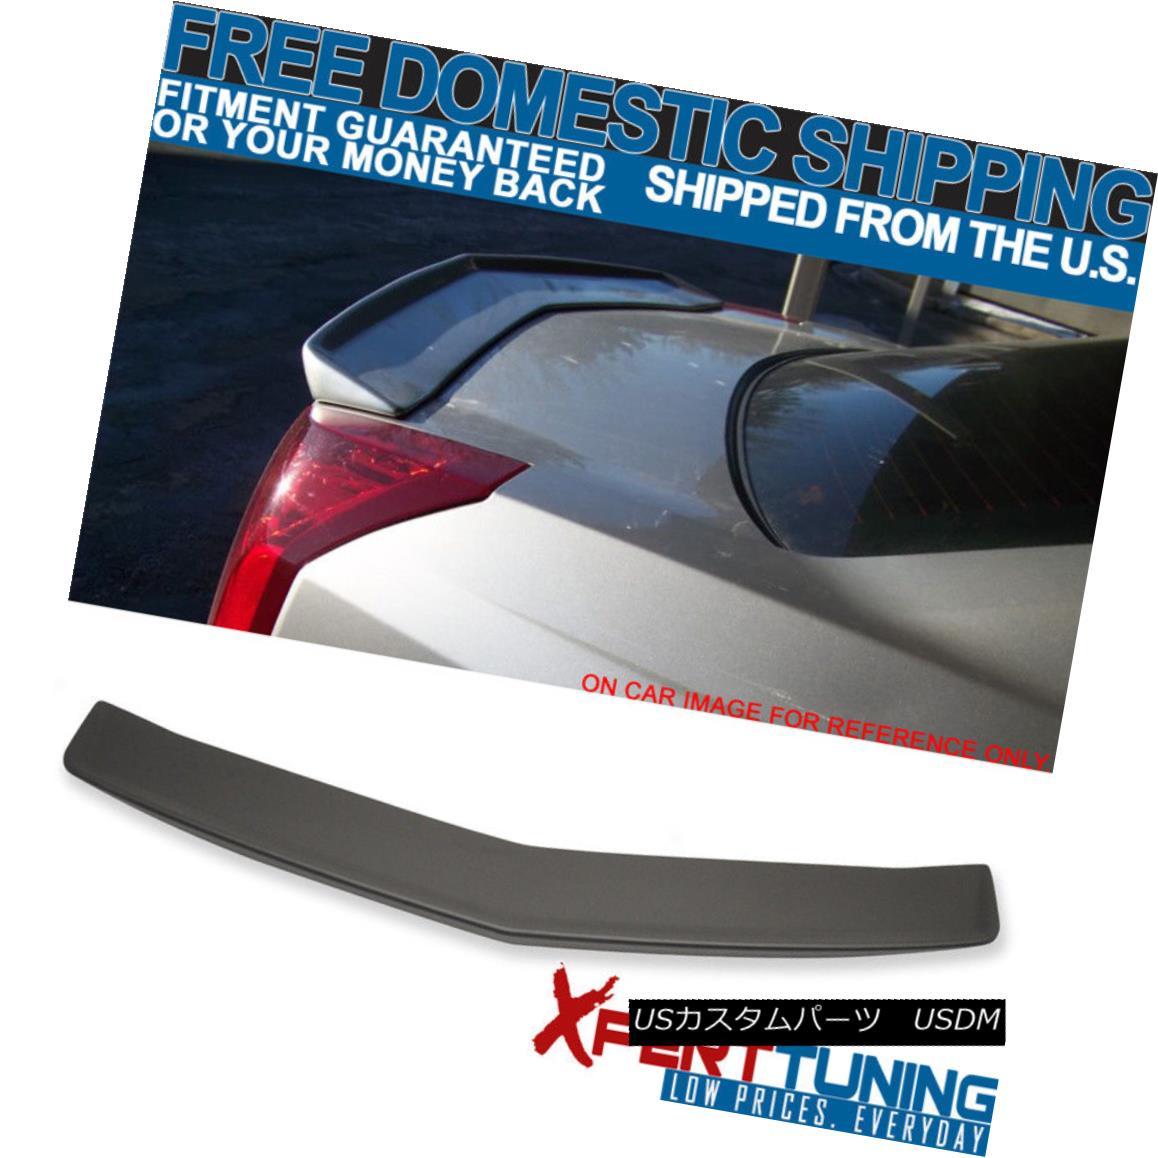 エアロパーツ 03-07 Cadillac CTS 4Door Flush Mount OE Rear Trunk Spoiler Wing Matte Black ABS 03-07キャデラックCTS 4ドアフルーマウントOEリアトランクスポイラーウイングマットブラックABS